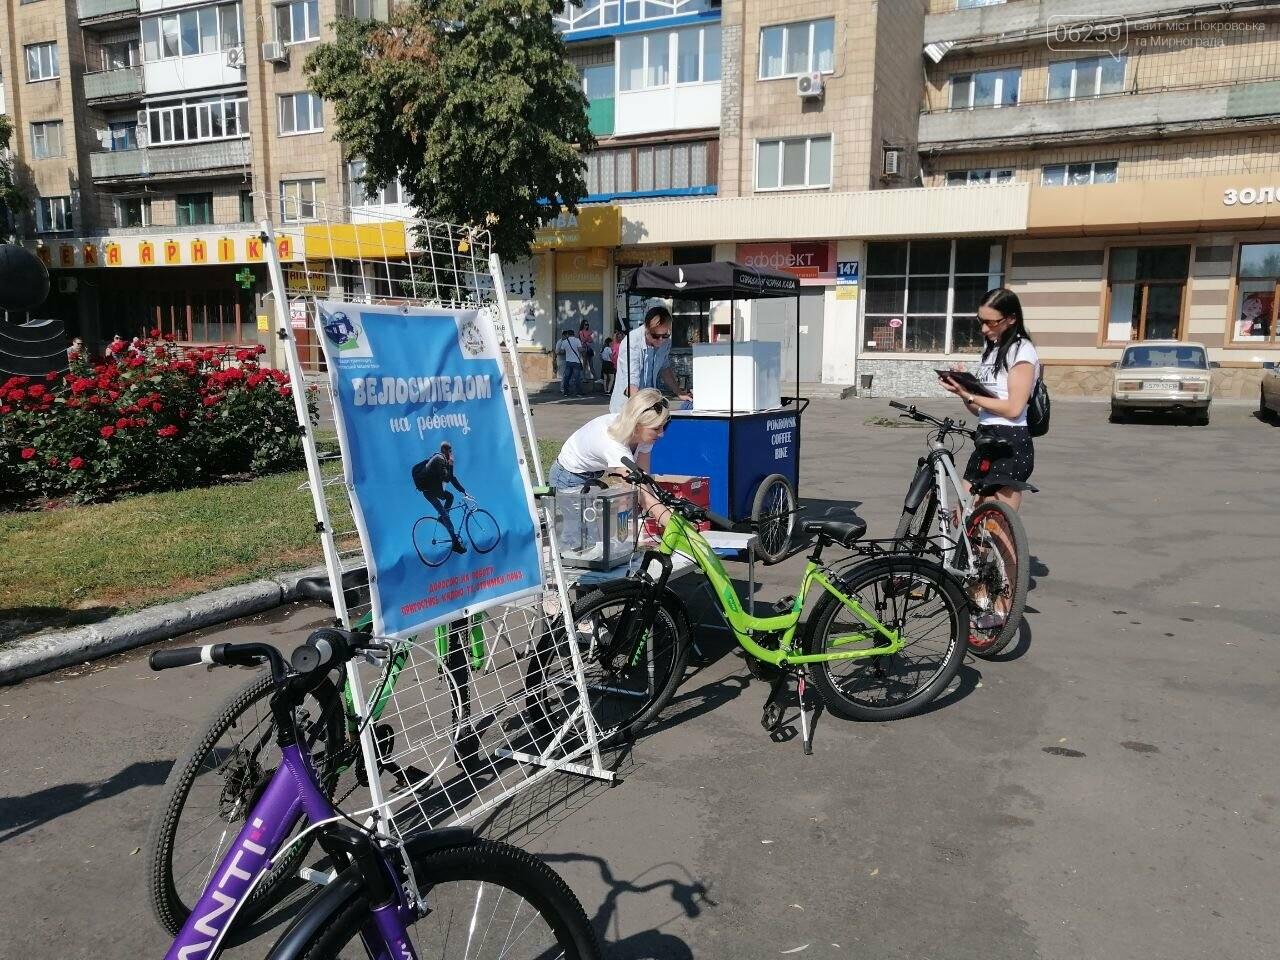 """Покровчане присоединились к акции """"Велосипедом на работу"""", фото-11"""